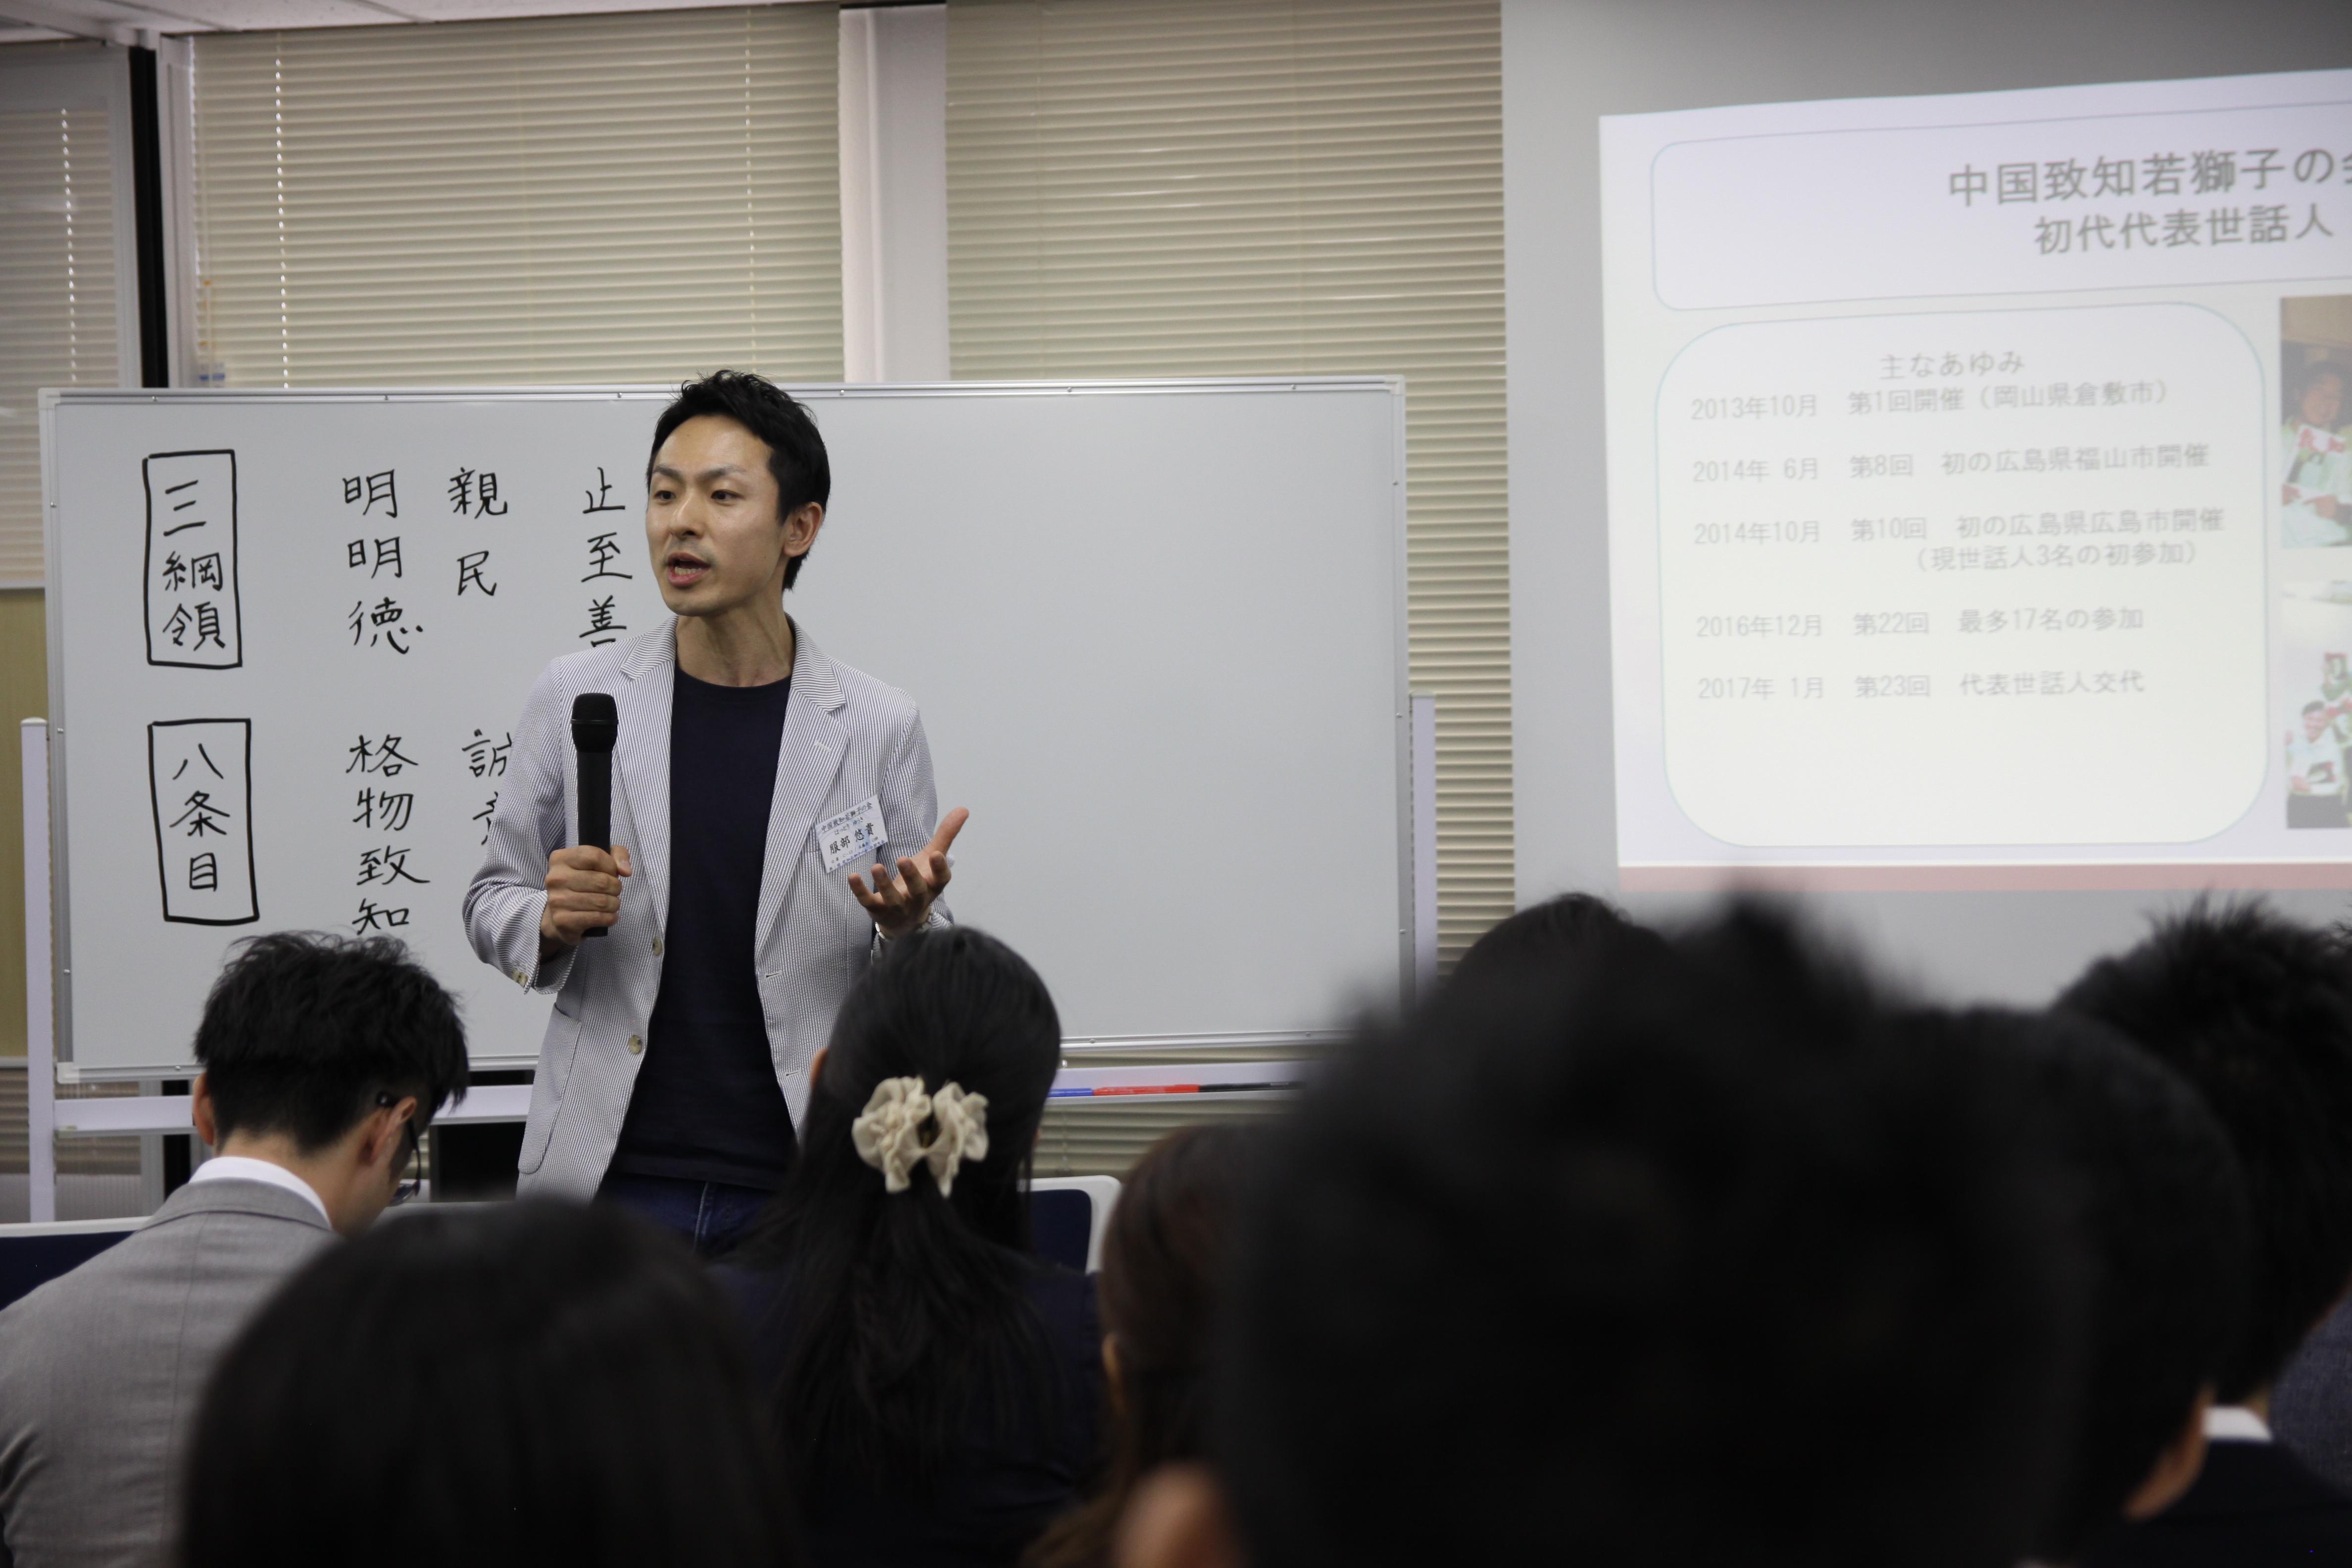 IMG 4672 - 関東若獅子の会、記念すべき第100回